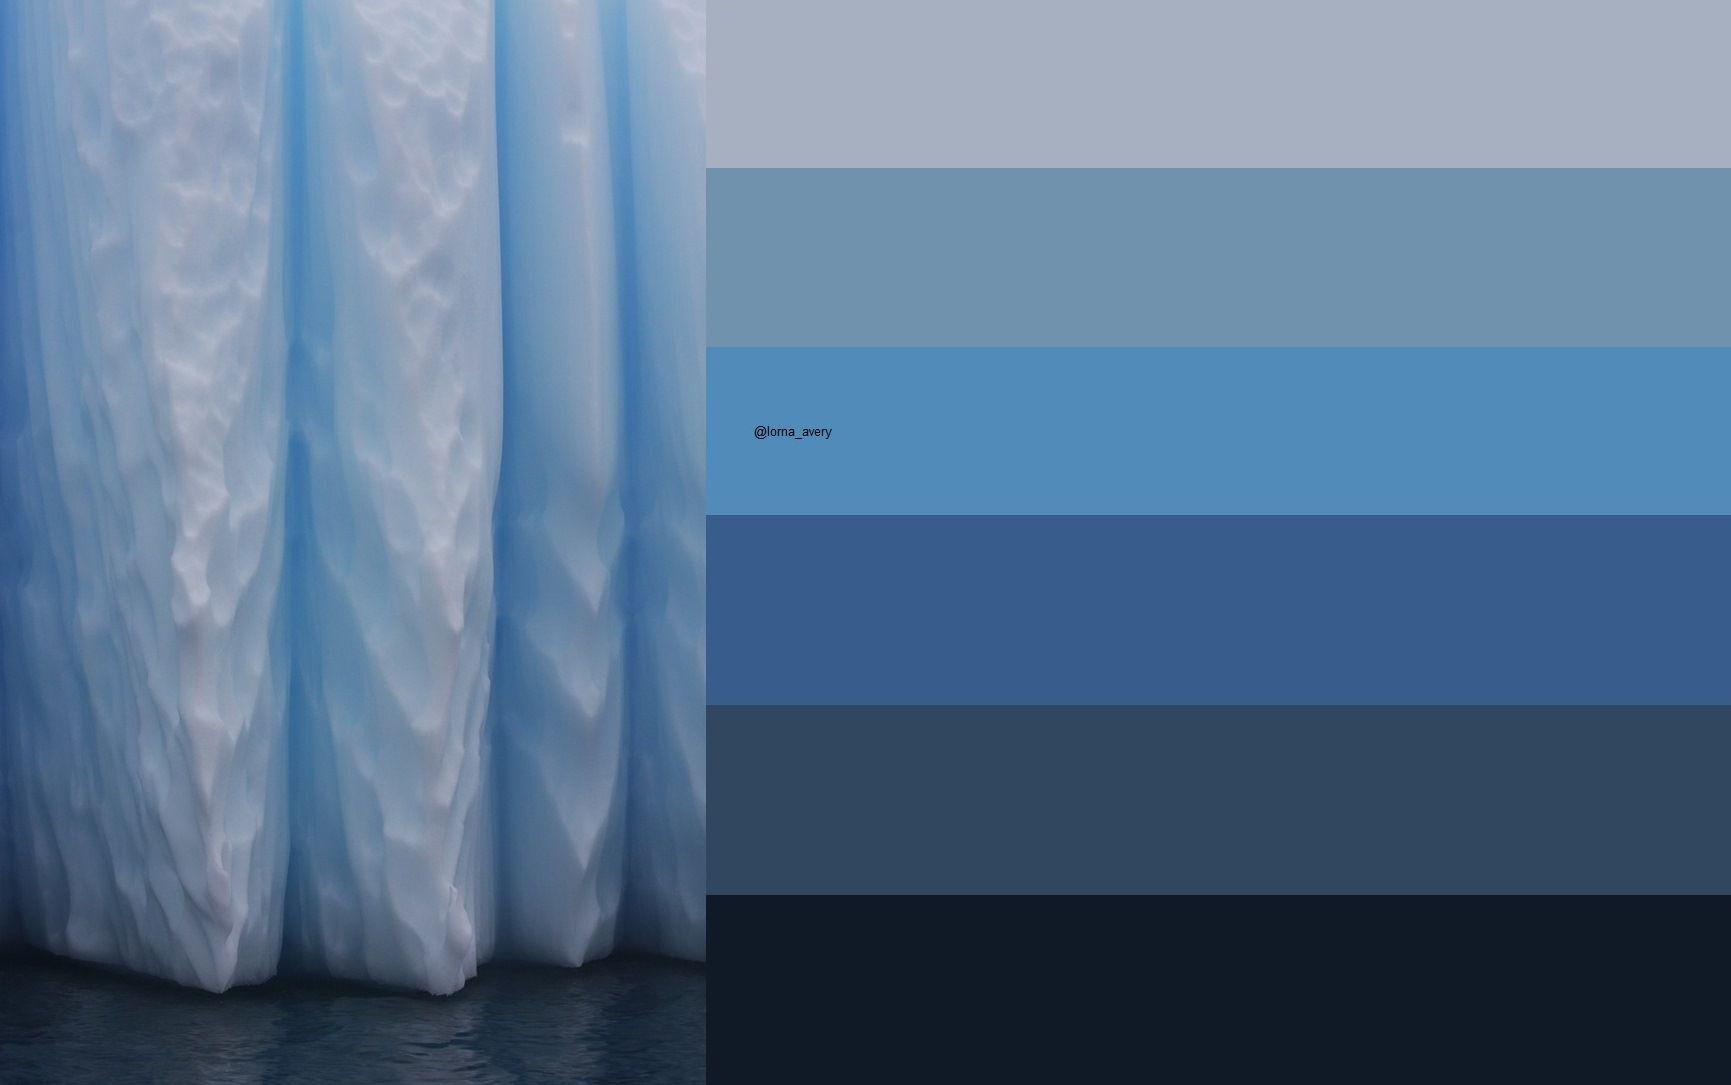 Arctic columns, Antarctica: original image via http://www.aapg.org/publications/news/explorer